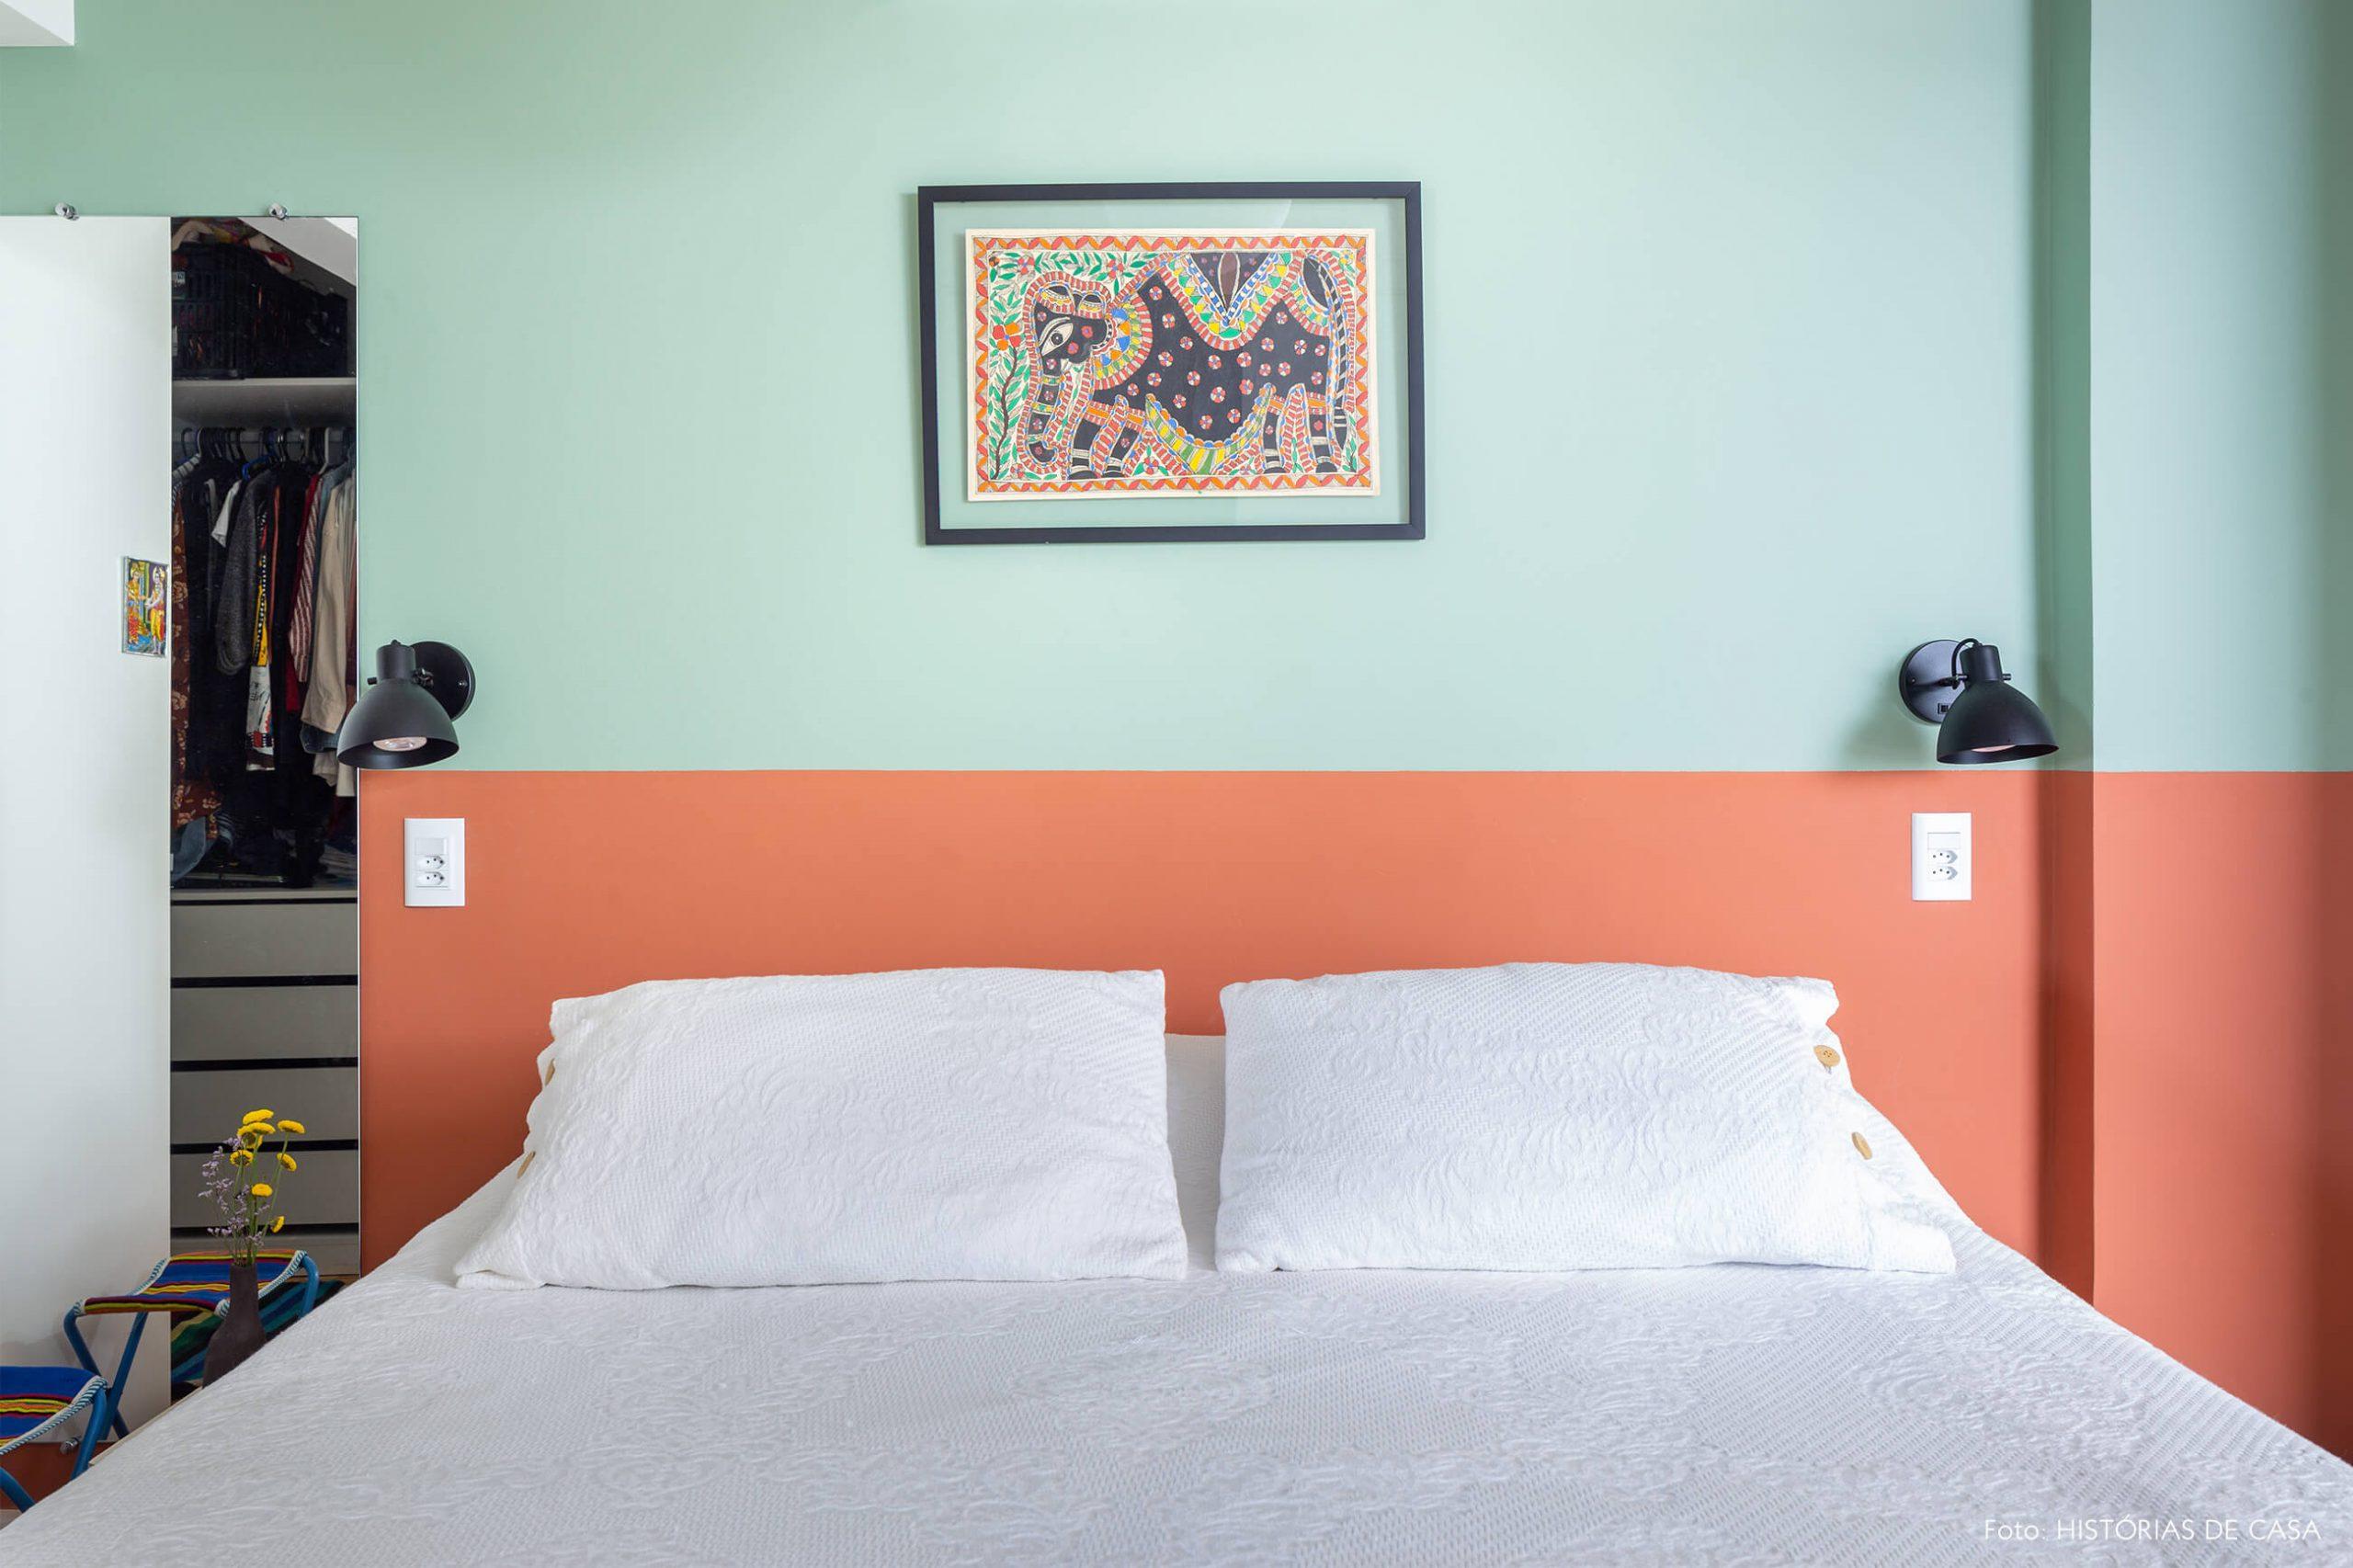 decoração quarto com parede colorida verde e laranja